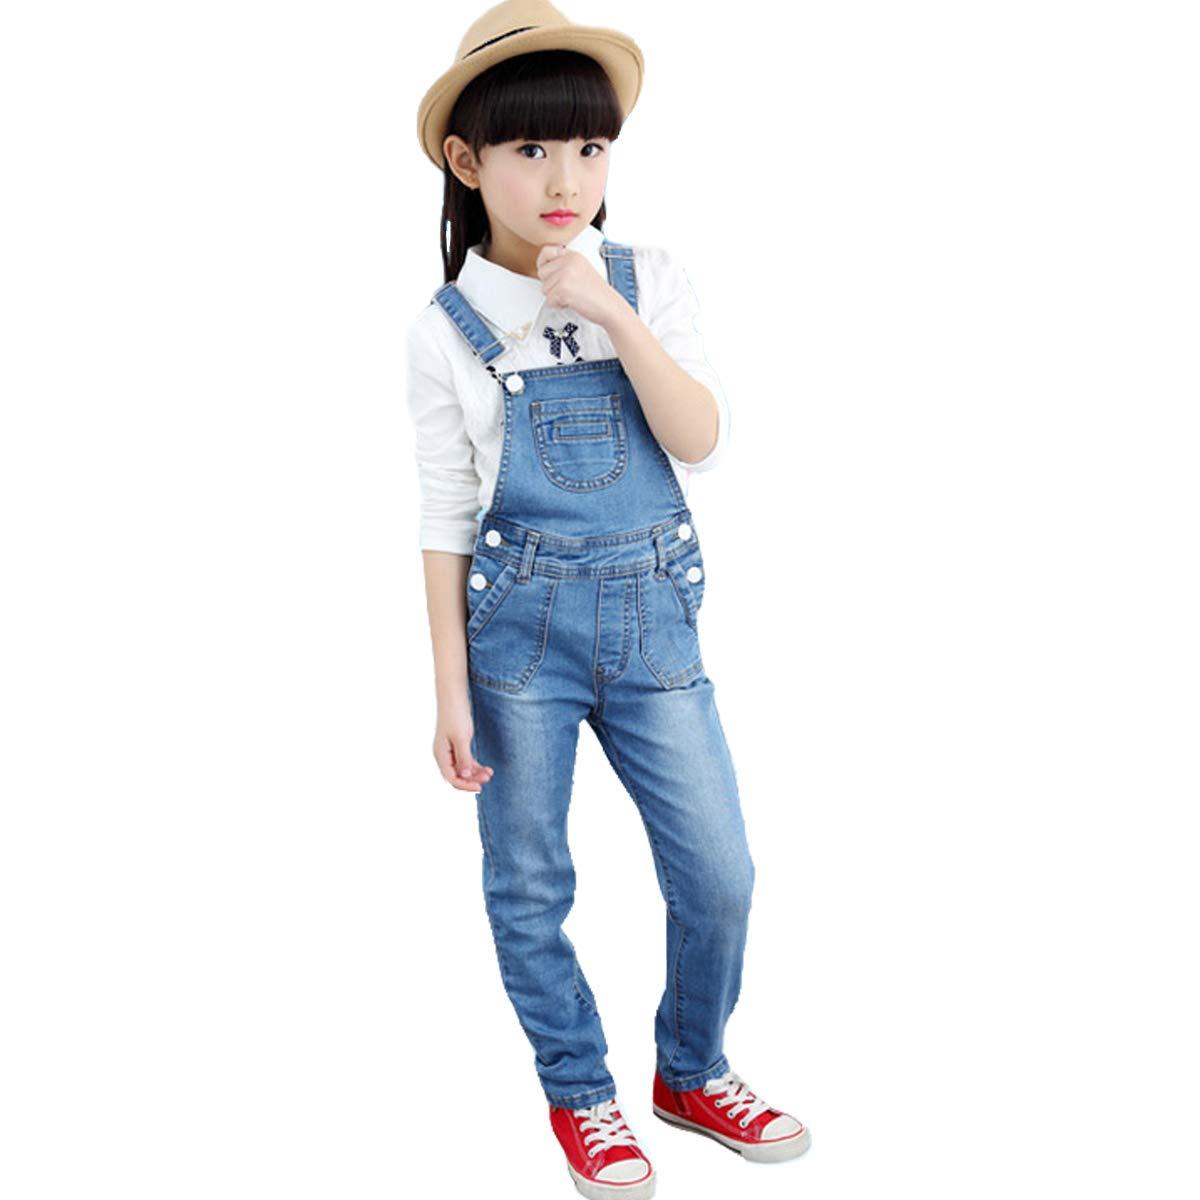 OnlyAngel Girls Suspender Jeans Adjustable Strap Cotton Denim Overalls Age 4-13 (5-6 Years, Light Blue)